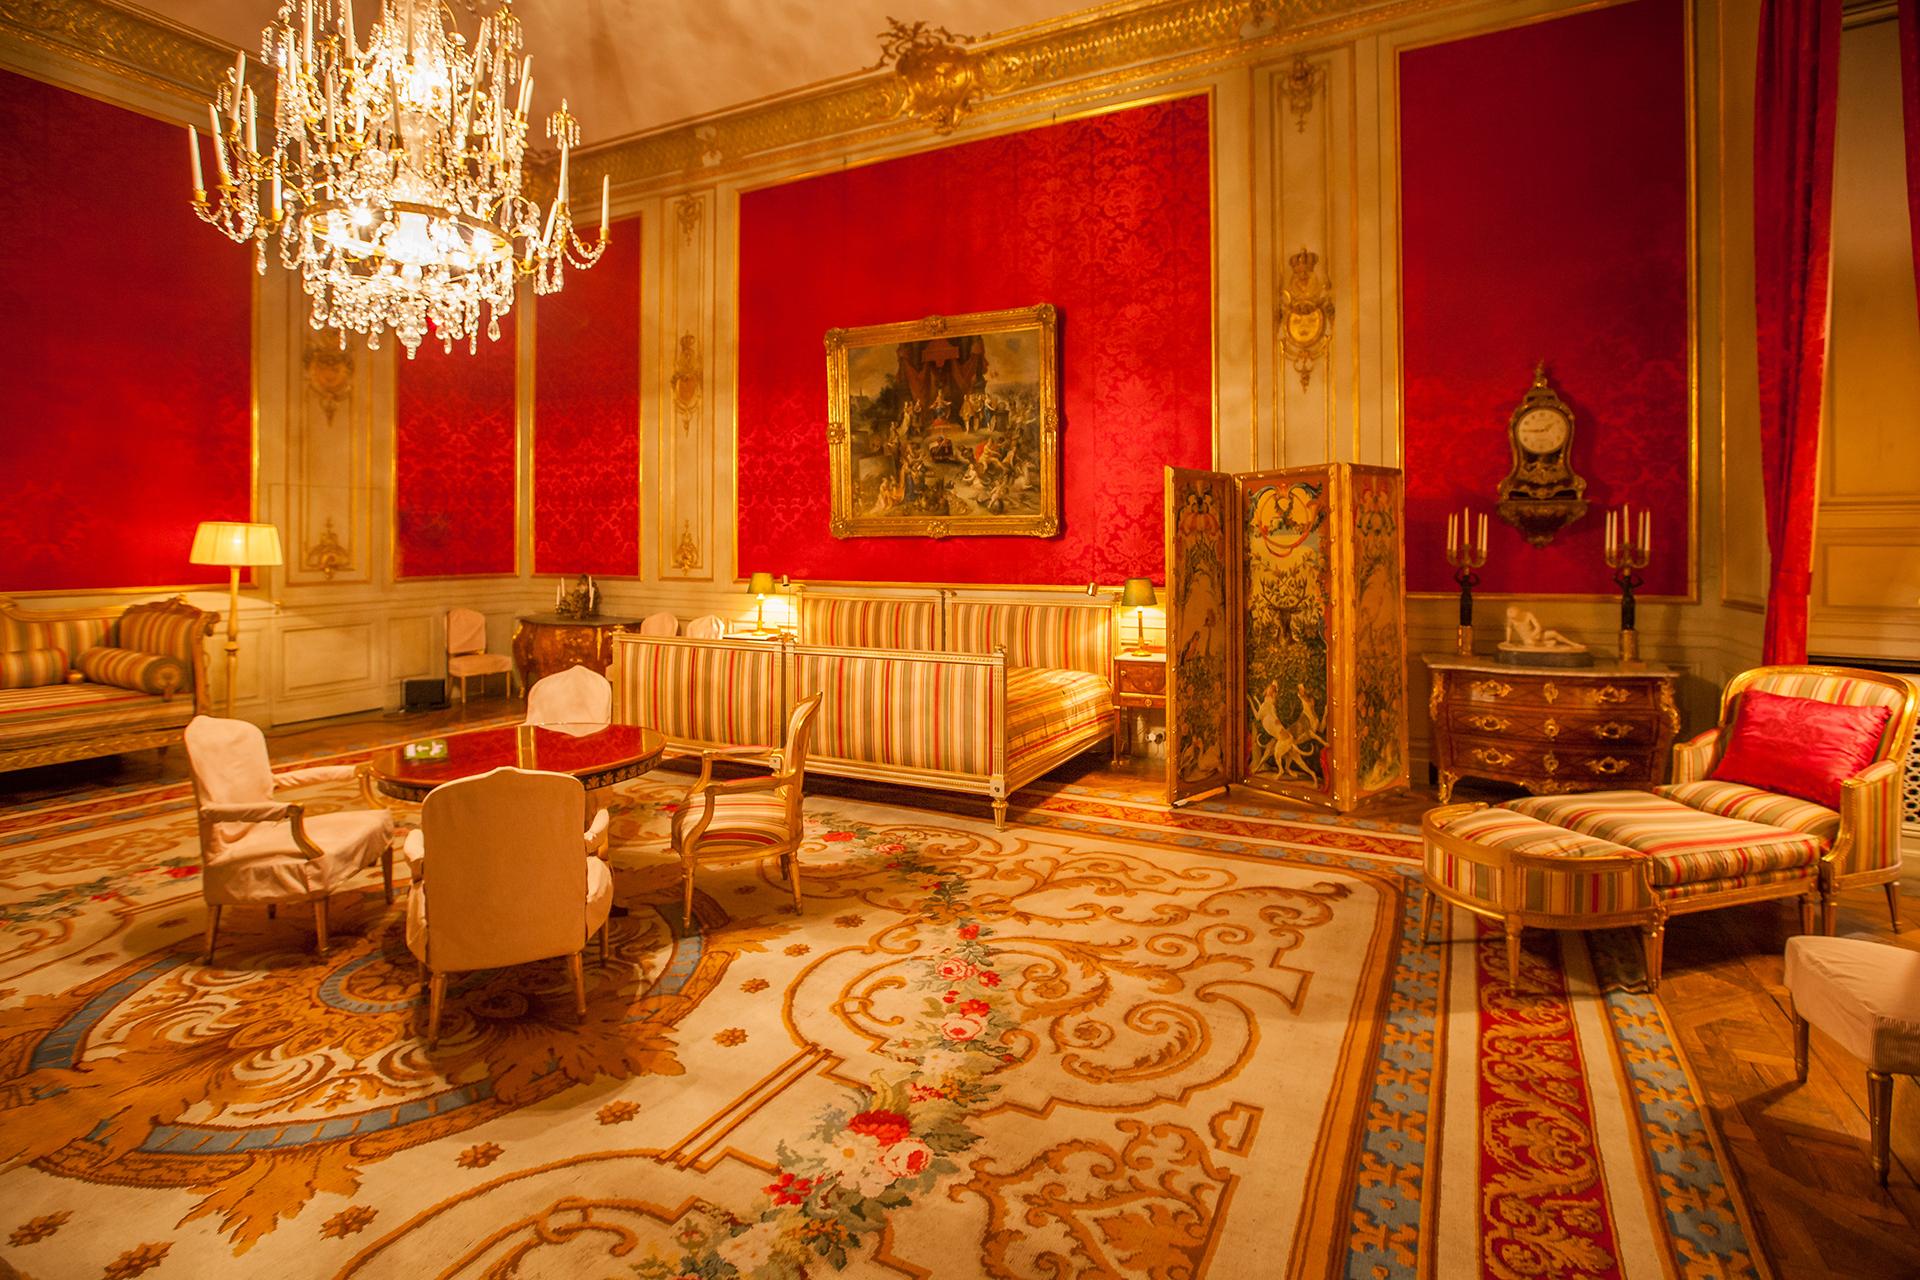 El palacio tiene 609 habitaciones y es uno de los mayores palacios reales del mundo que sigue en uso con su propósito original